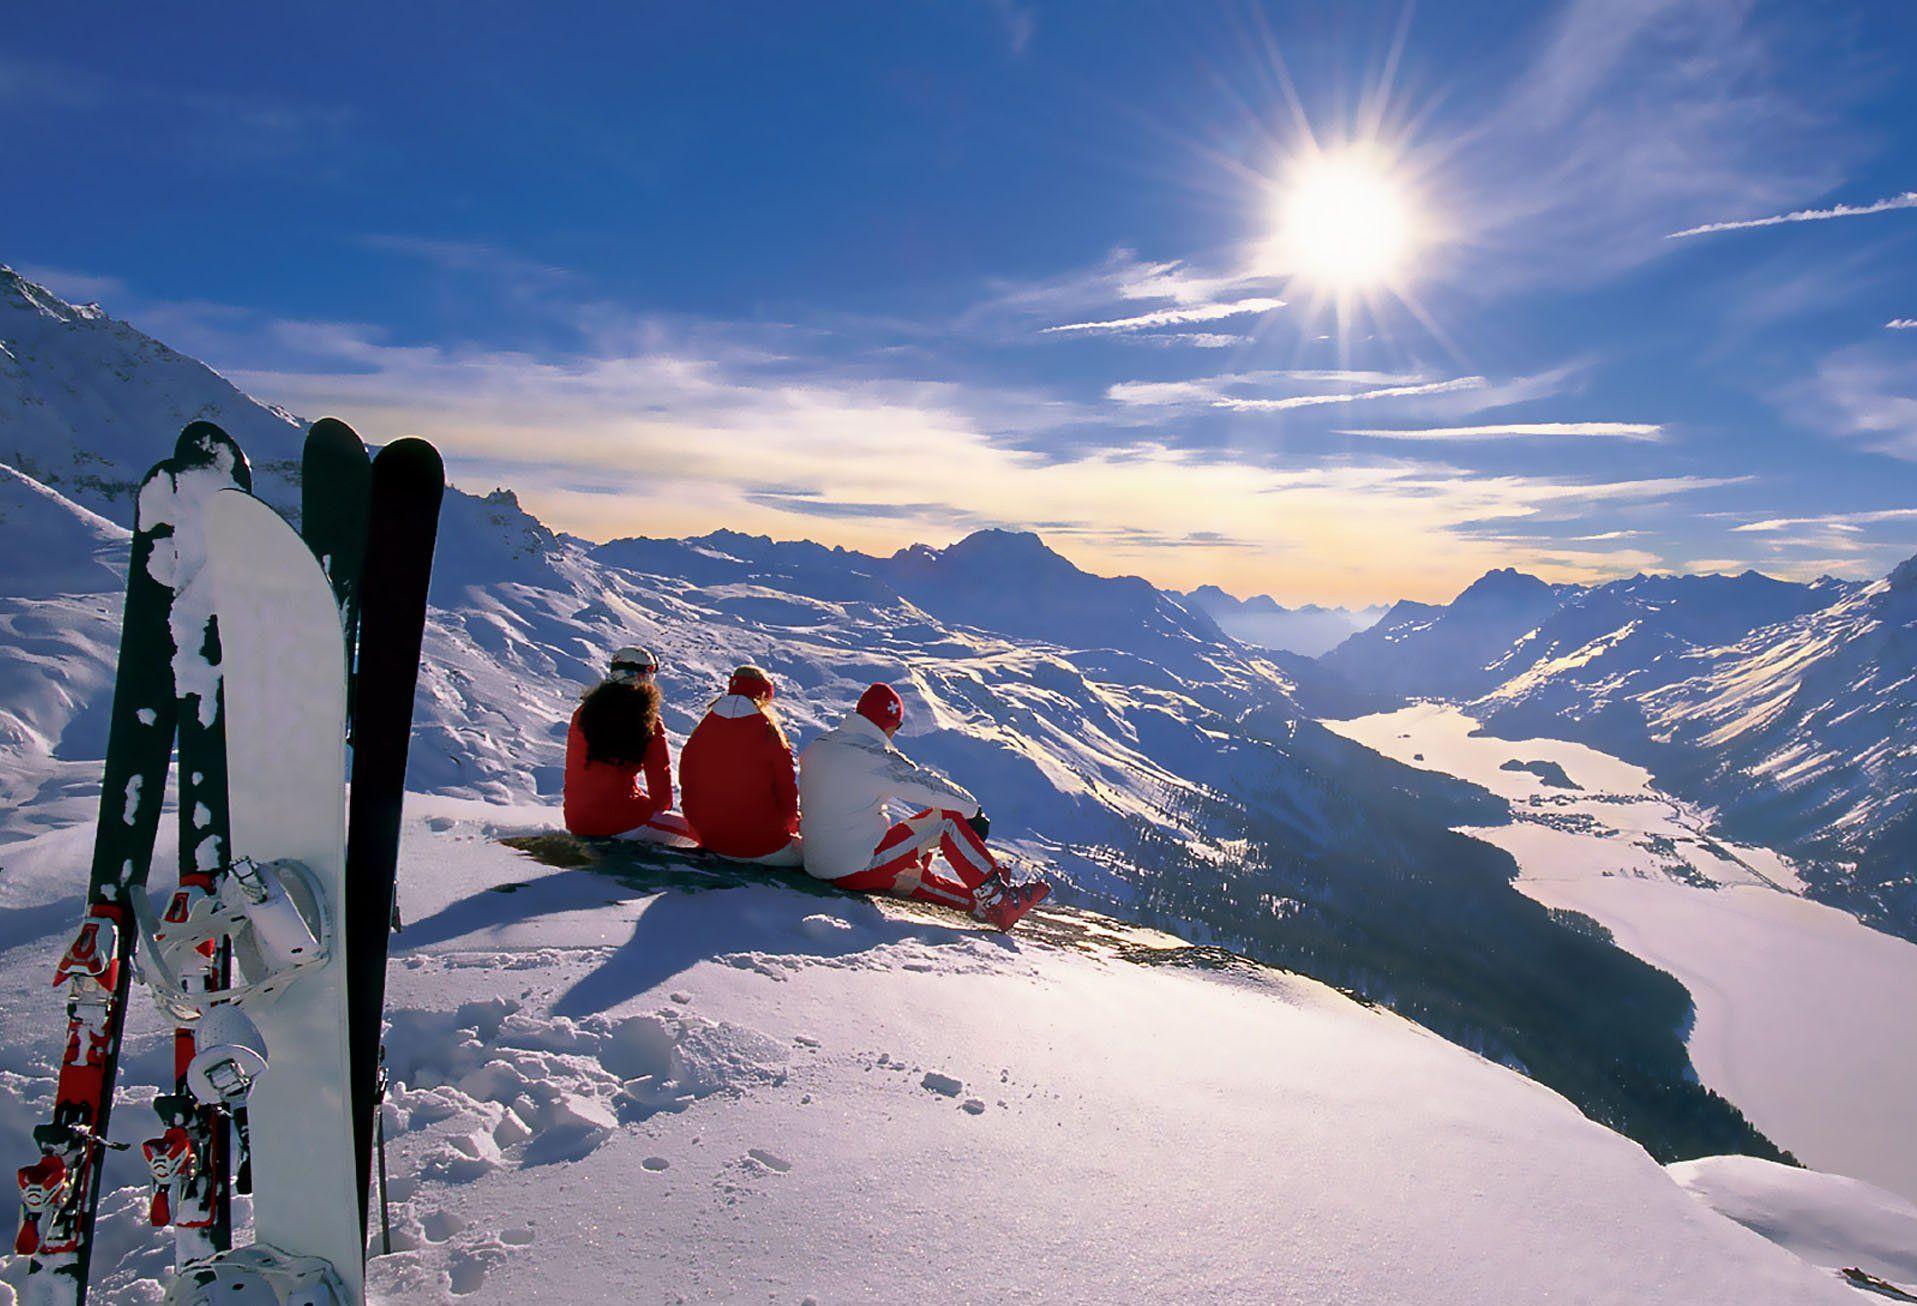 Ski Mountain Wallpapers   Top Ski Mountain Backgrounds 1917x1306